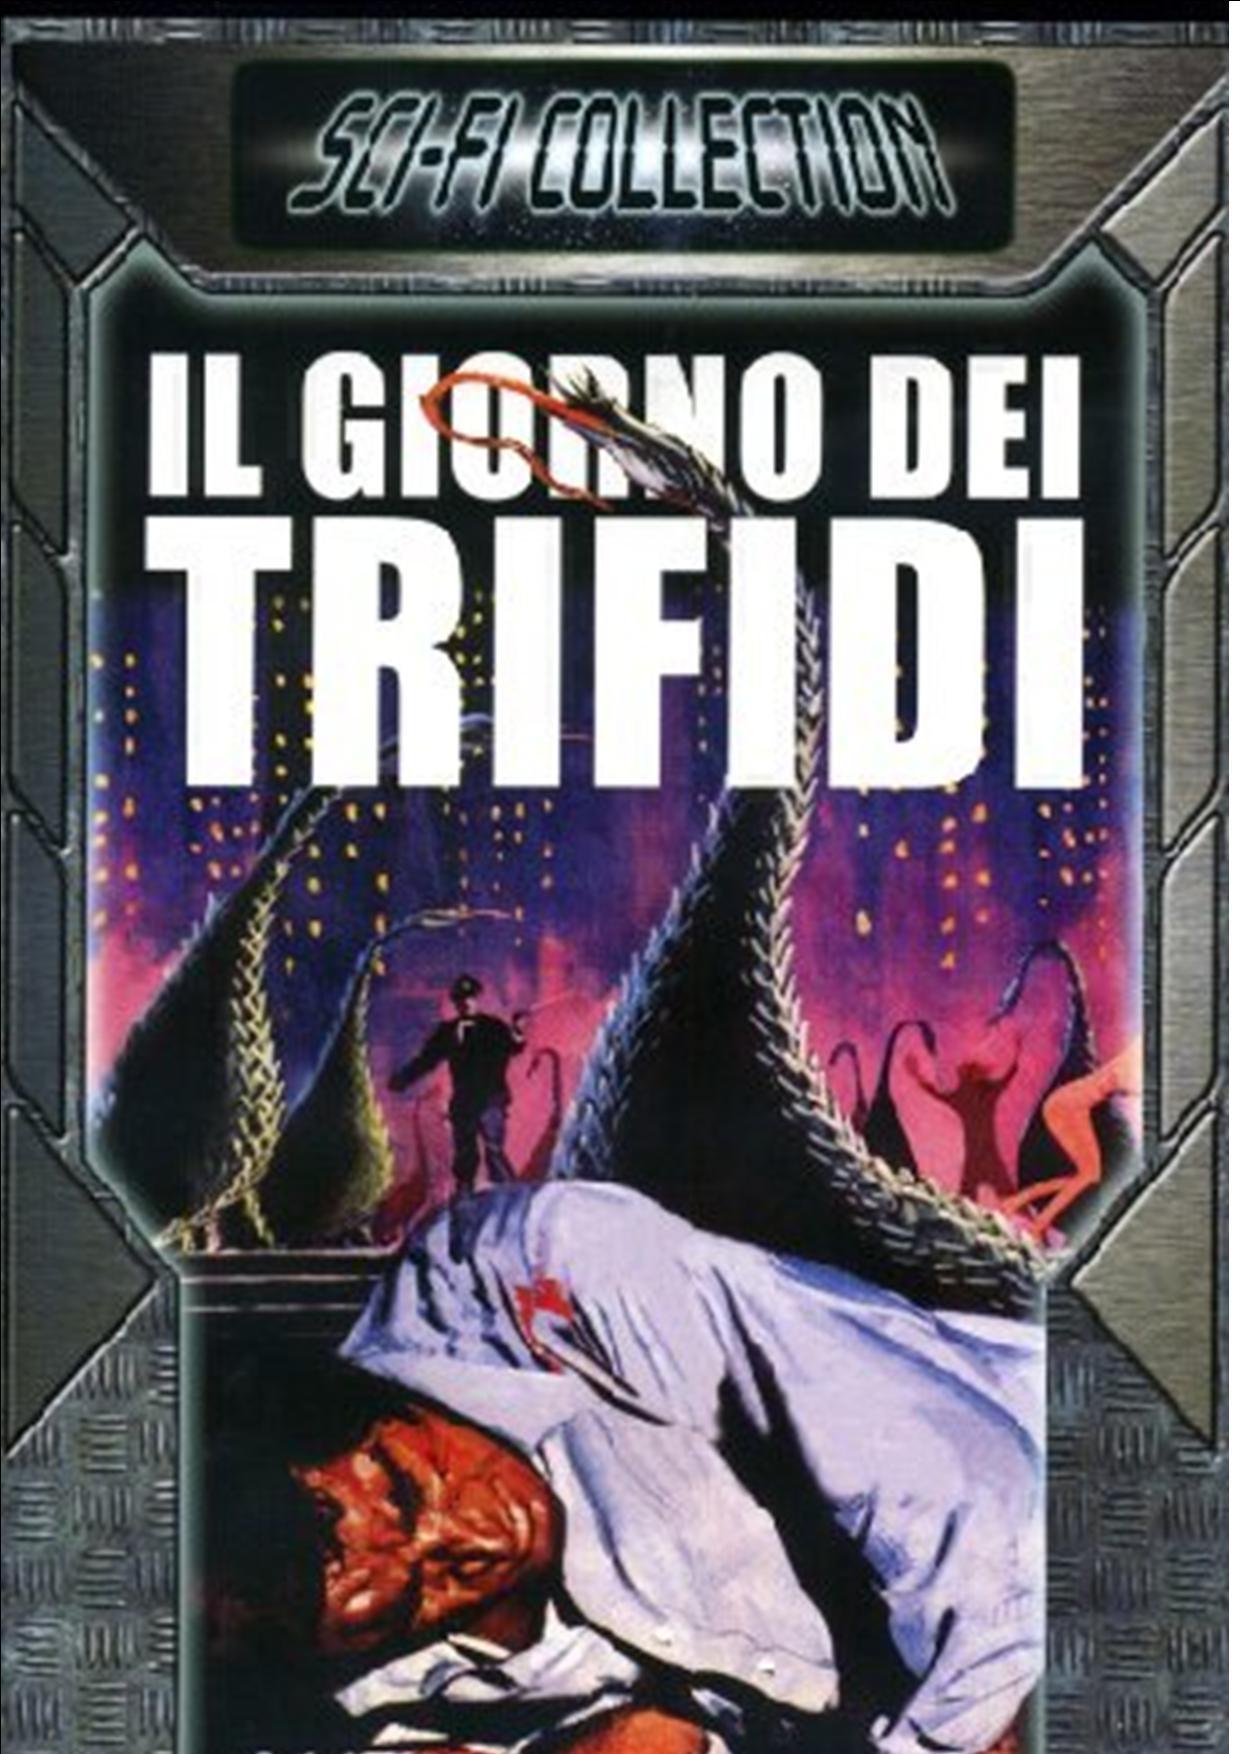 IL GIORNO DEI TRIFIDI - L'INVASIONE DEI MOSTRI VERDI (DVD)